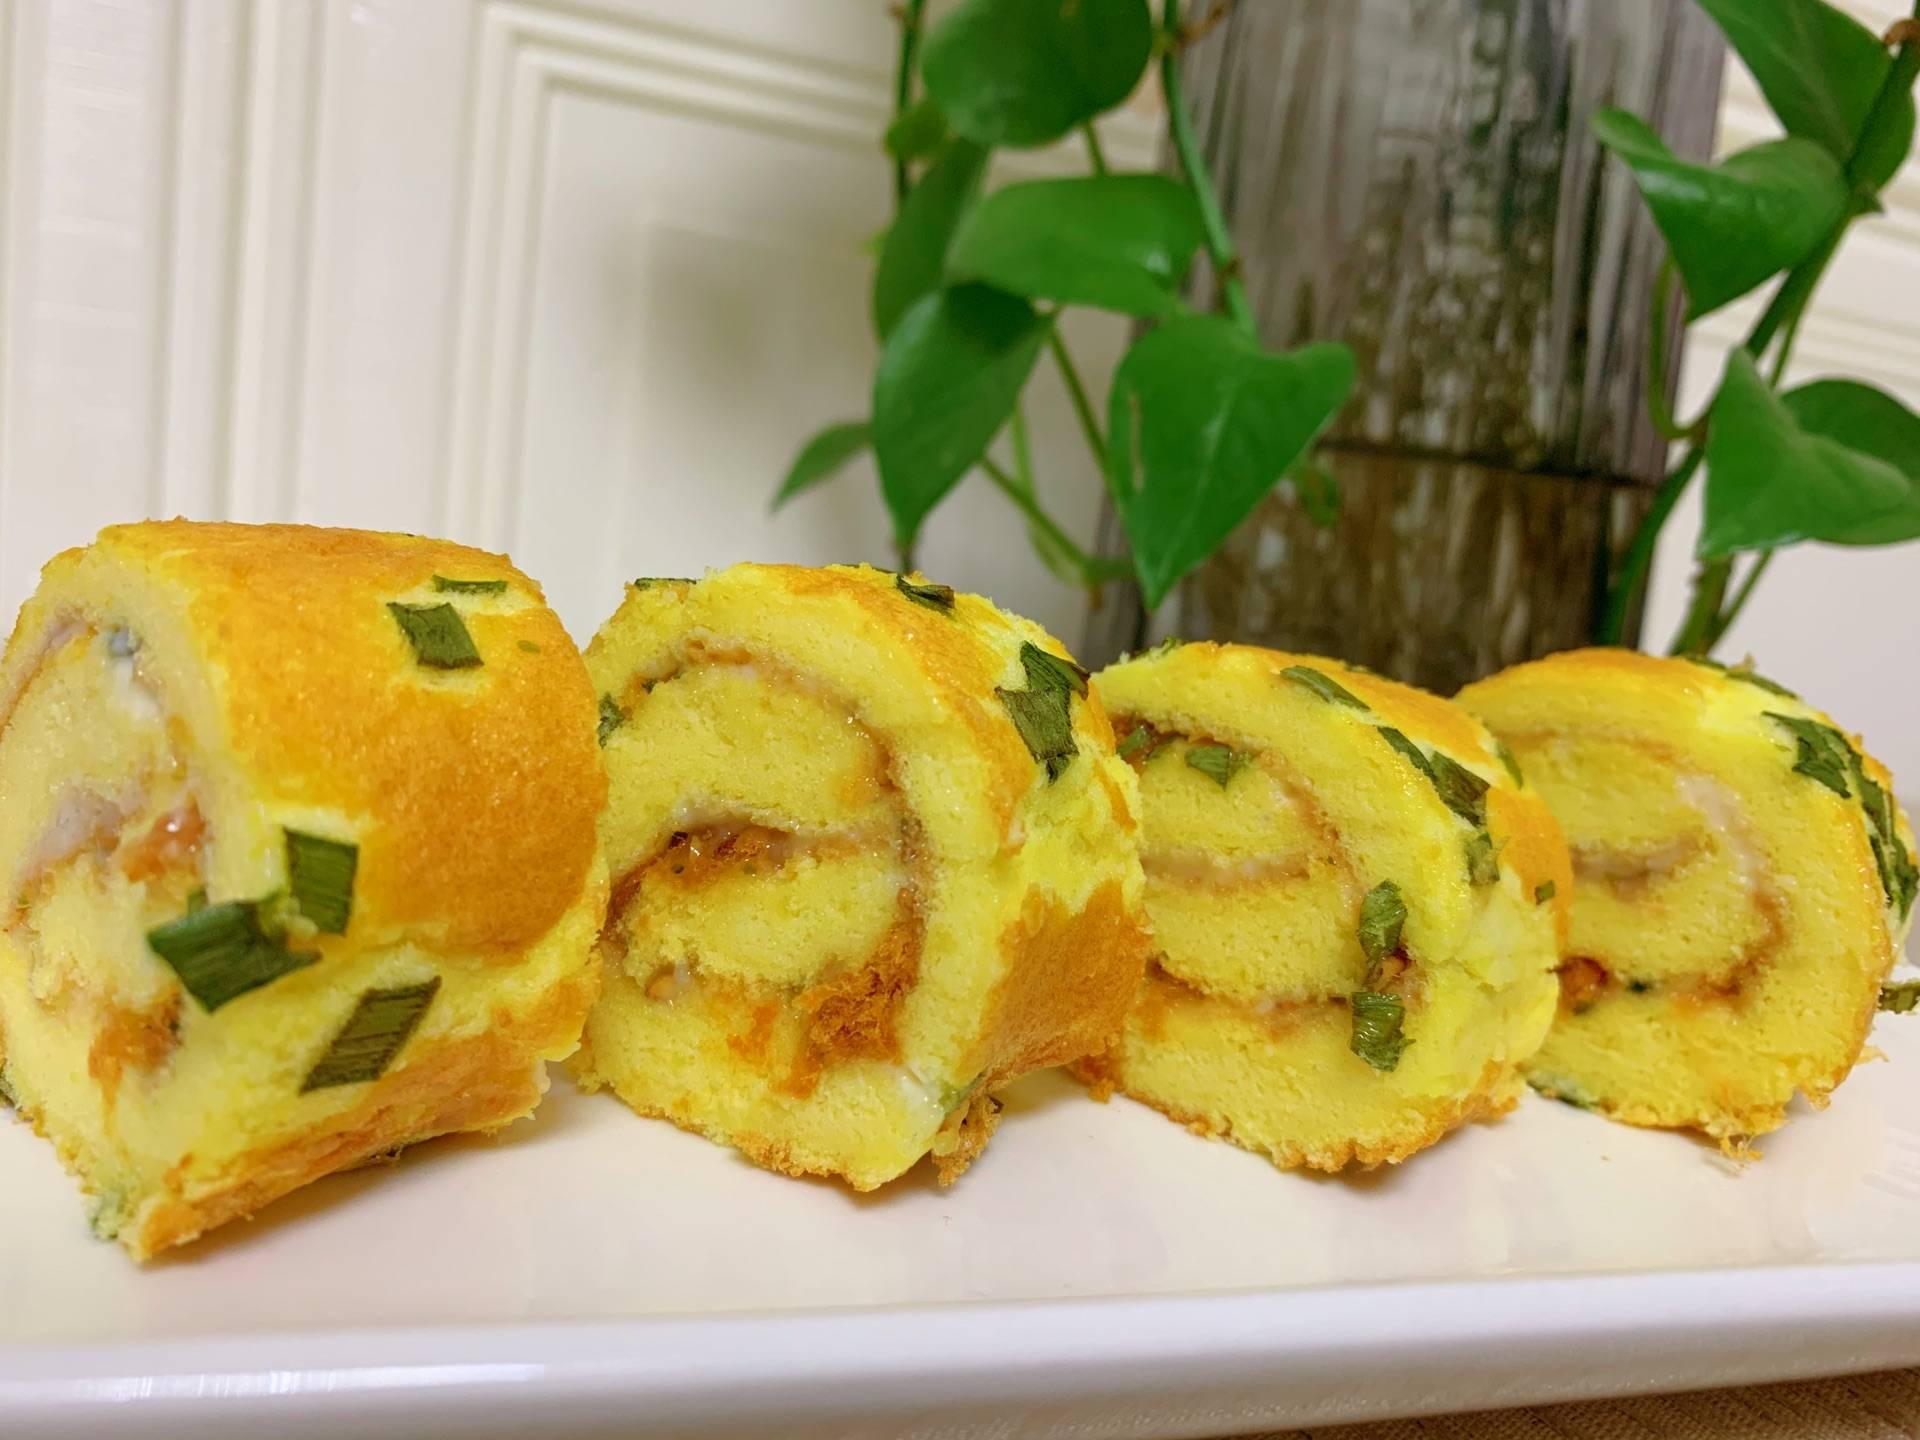 【葱花肉松蛋糕卷】的做法+配方,这个口味小孩很爱吃,美味好吃